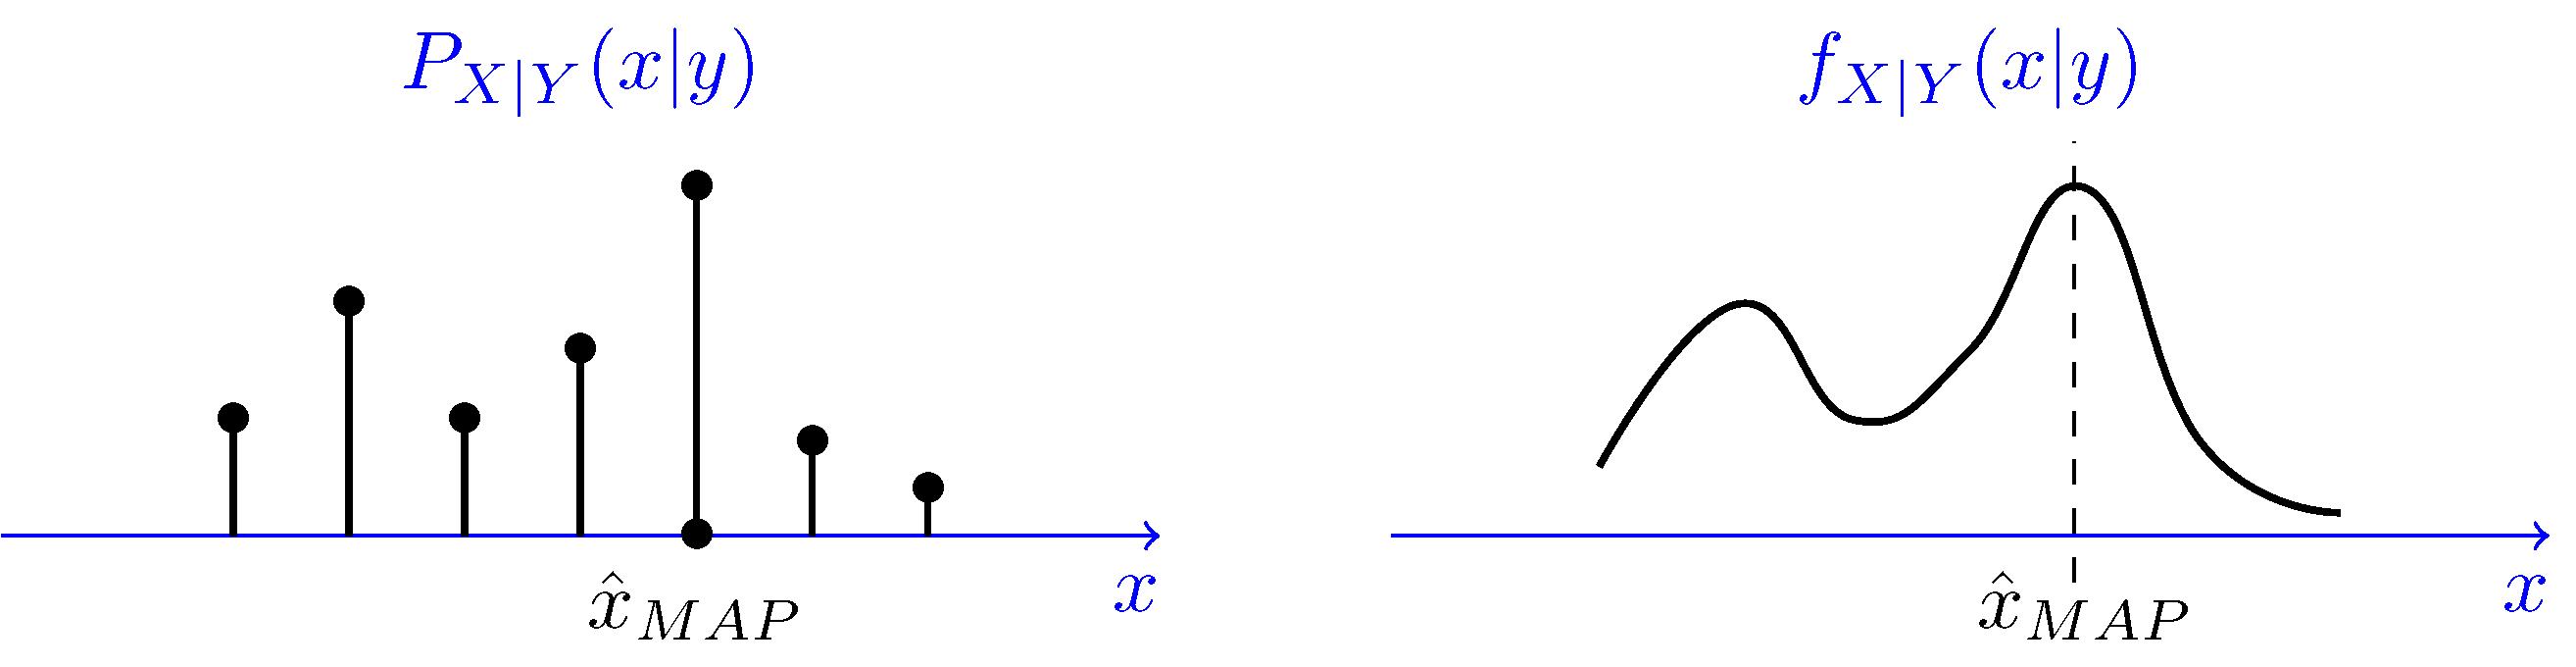 Maximum A Posteriori (MAP) Estimation